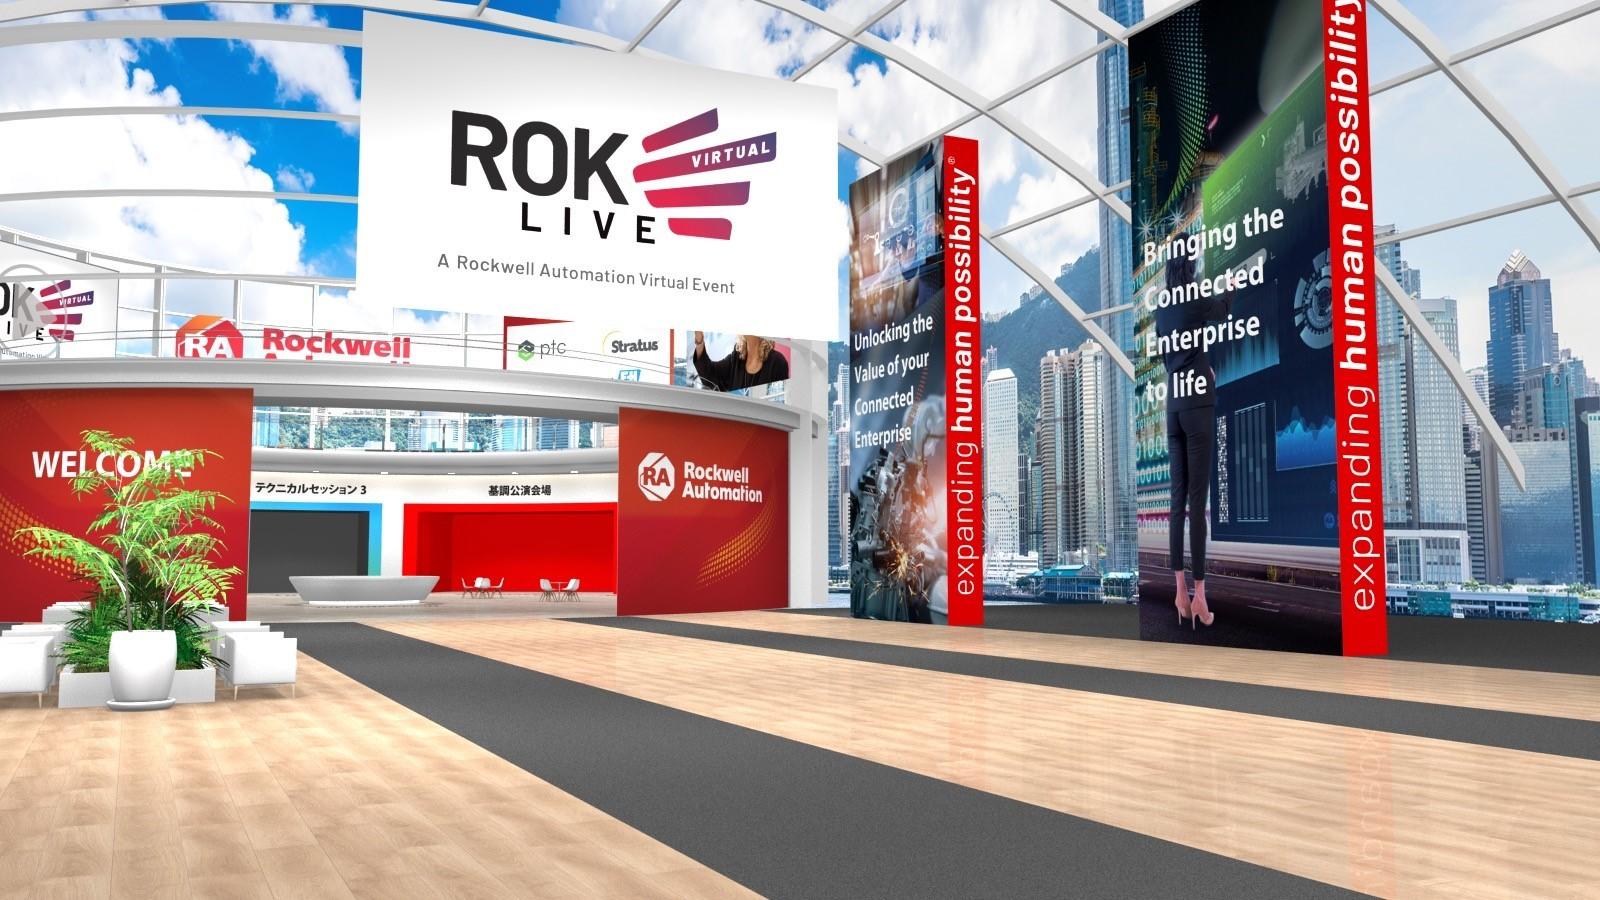 ロックウェル、バーチャルイベント「ROKLive Japan 2020」開催(9月30日まで)